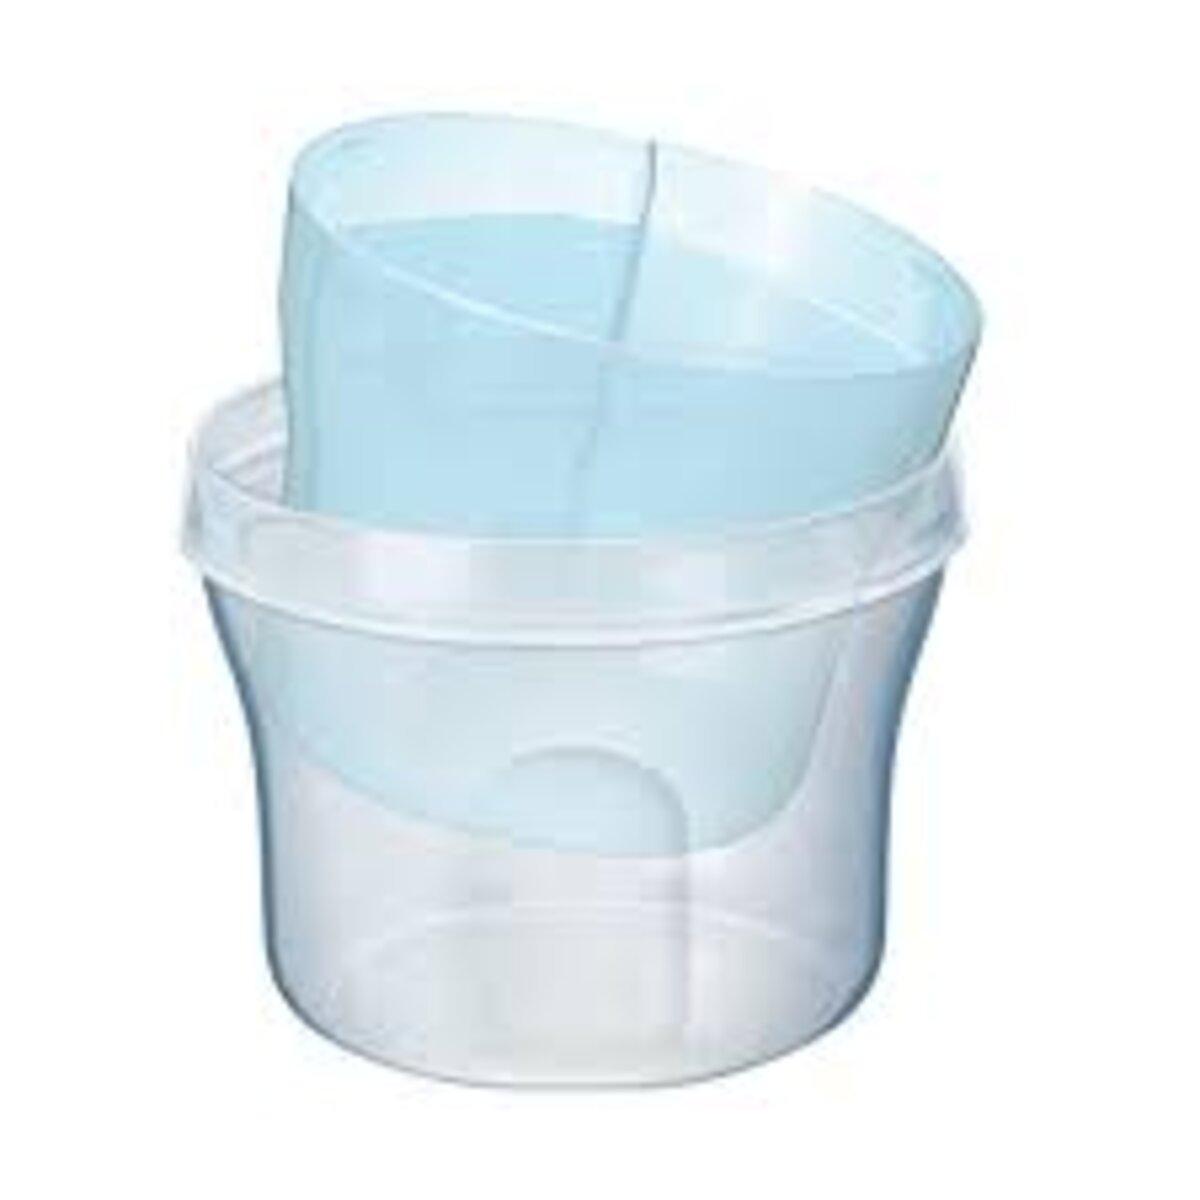 Dosador Leite em Pó e Escova Mamadeiras e Bicos Azul Avent